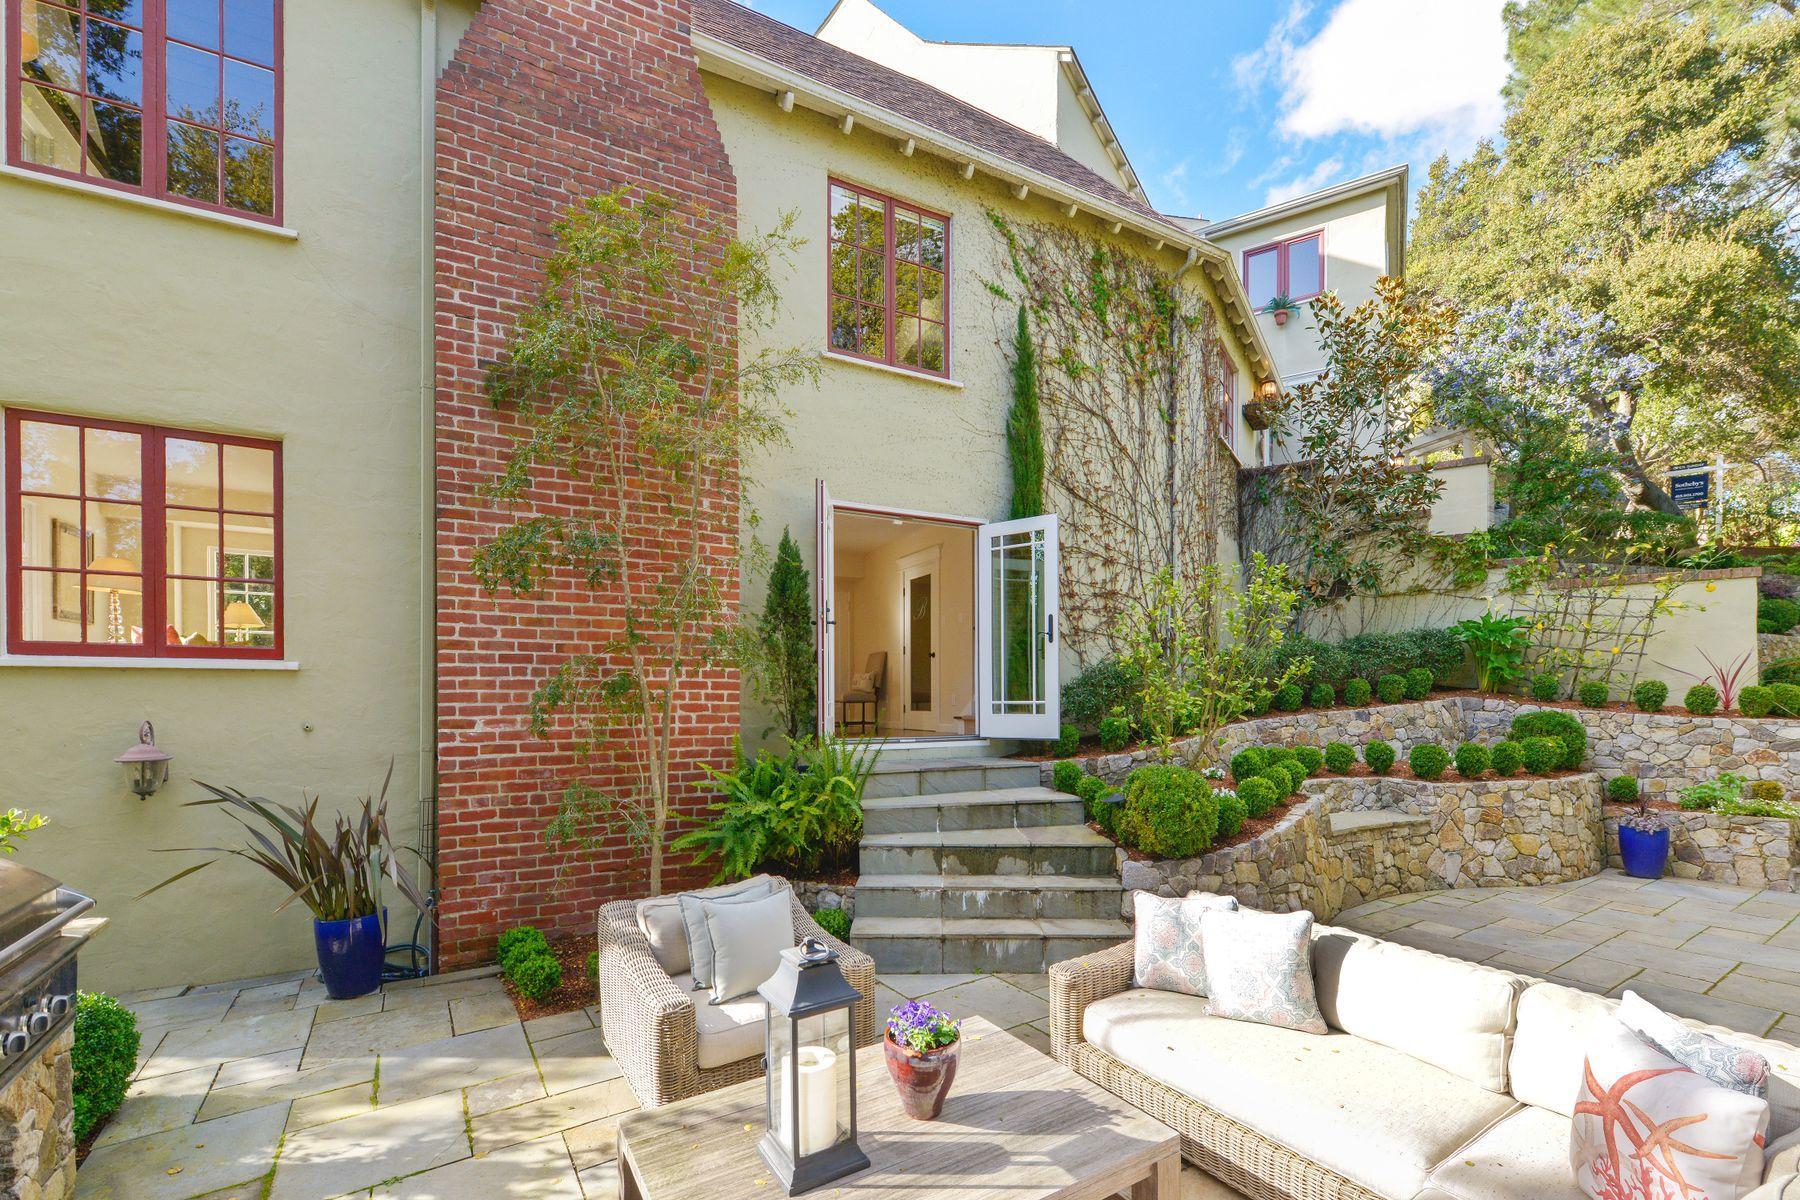 Casa Unifamiliar por un Venta en Tucked-Away Estate with Majestic Grounds 1 Downey Pl Oakland, California 94610 Estados Unidos